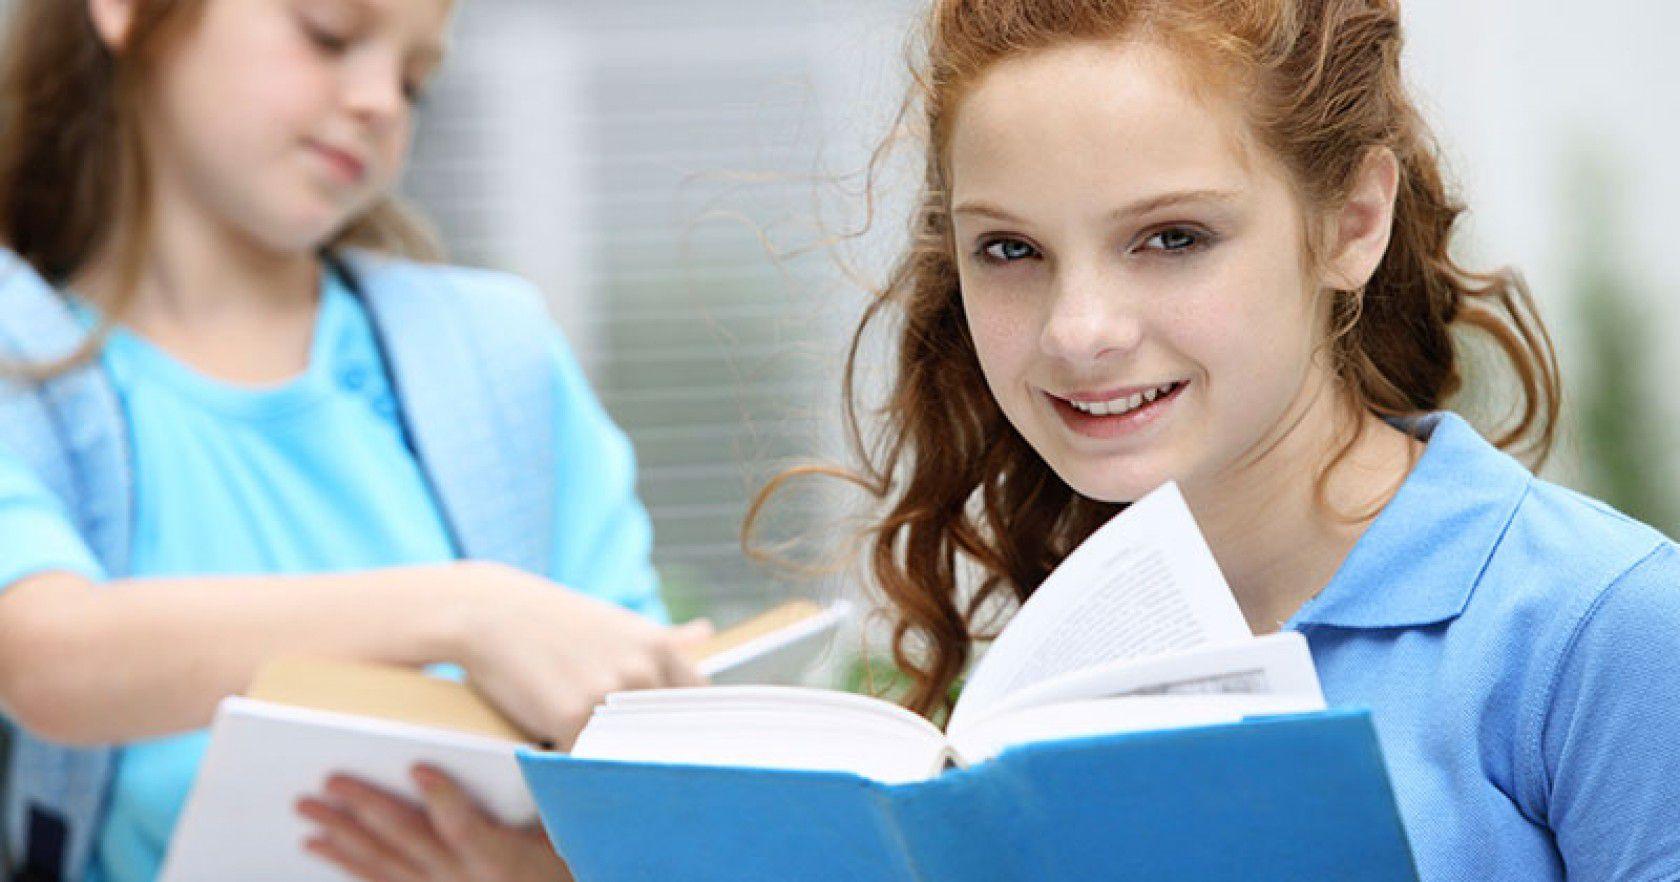 Kanada'da Eğitim Alırken Konaklama Tipleri Nelerdir?